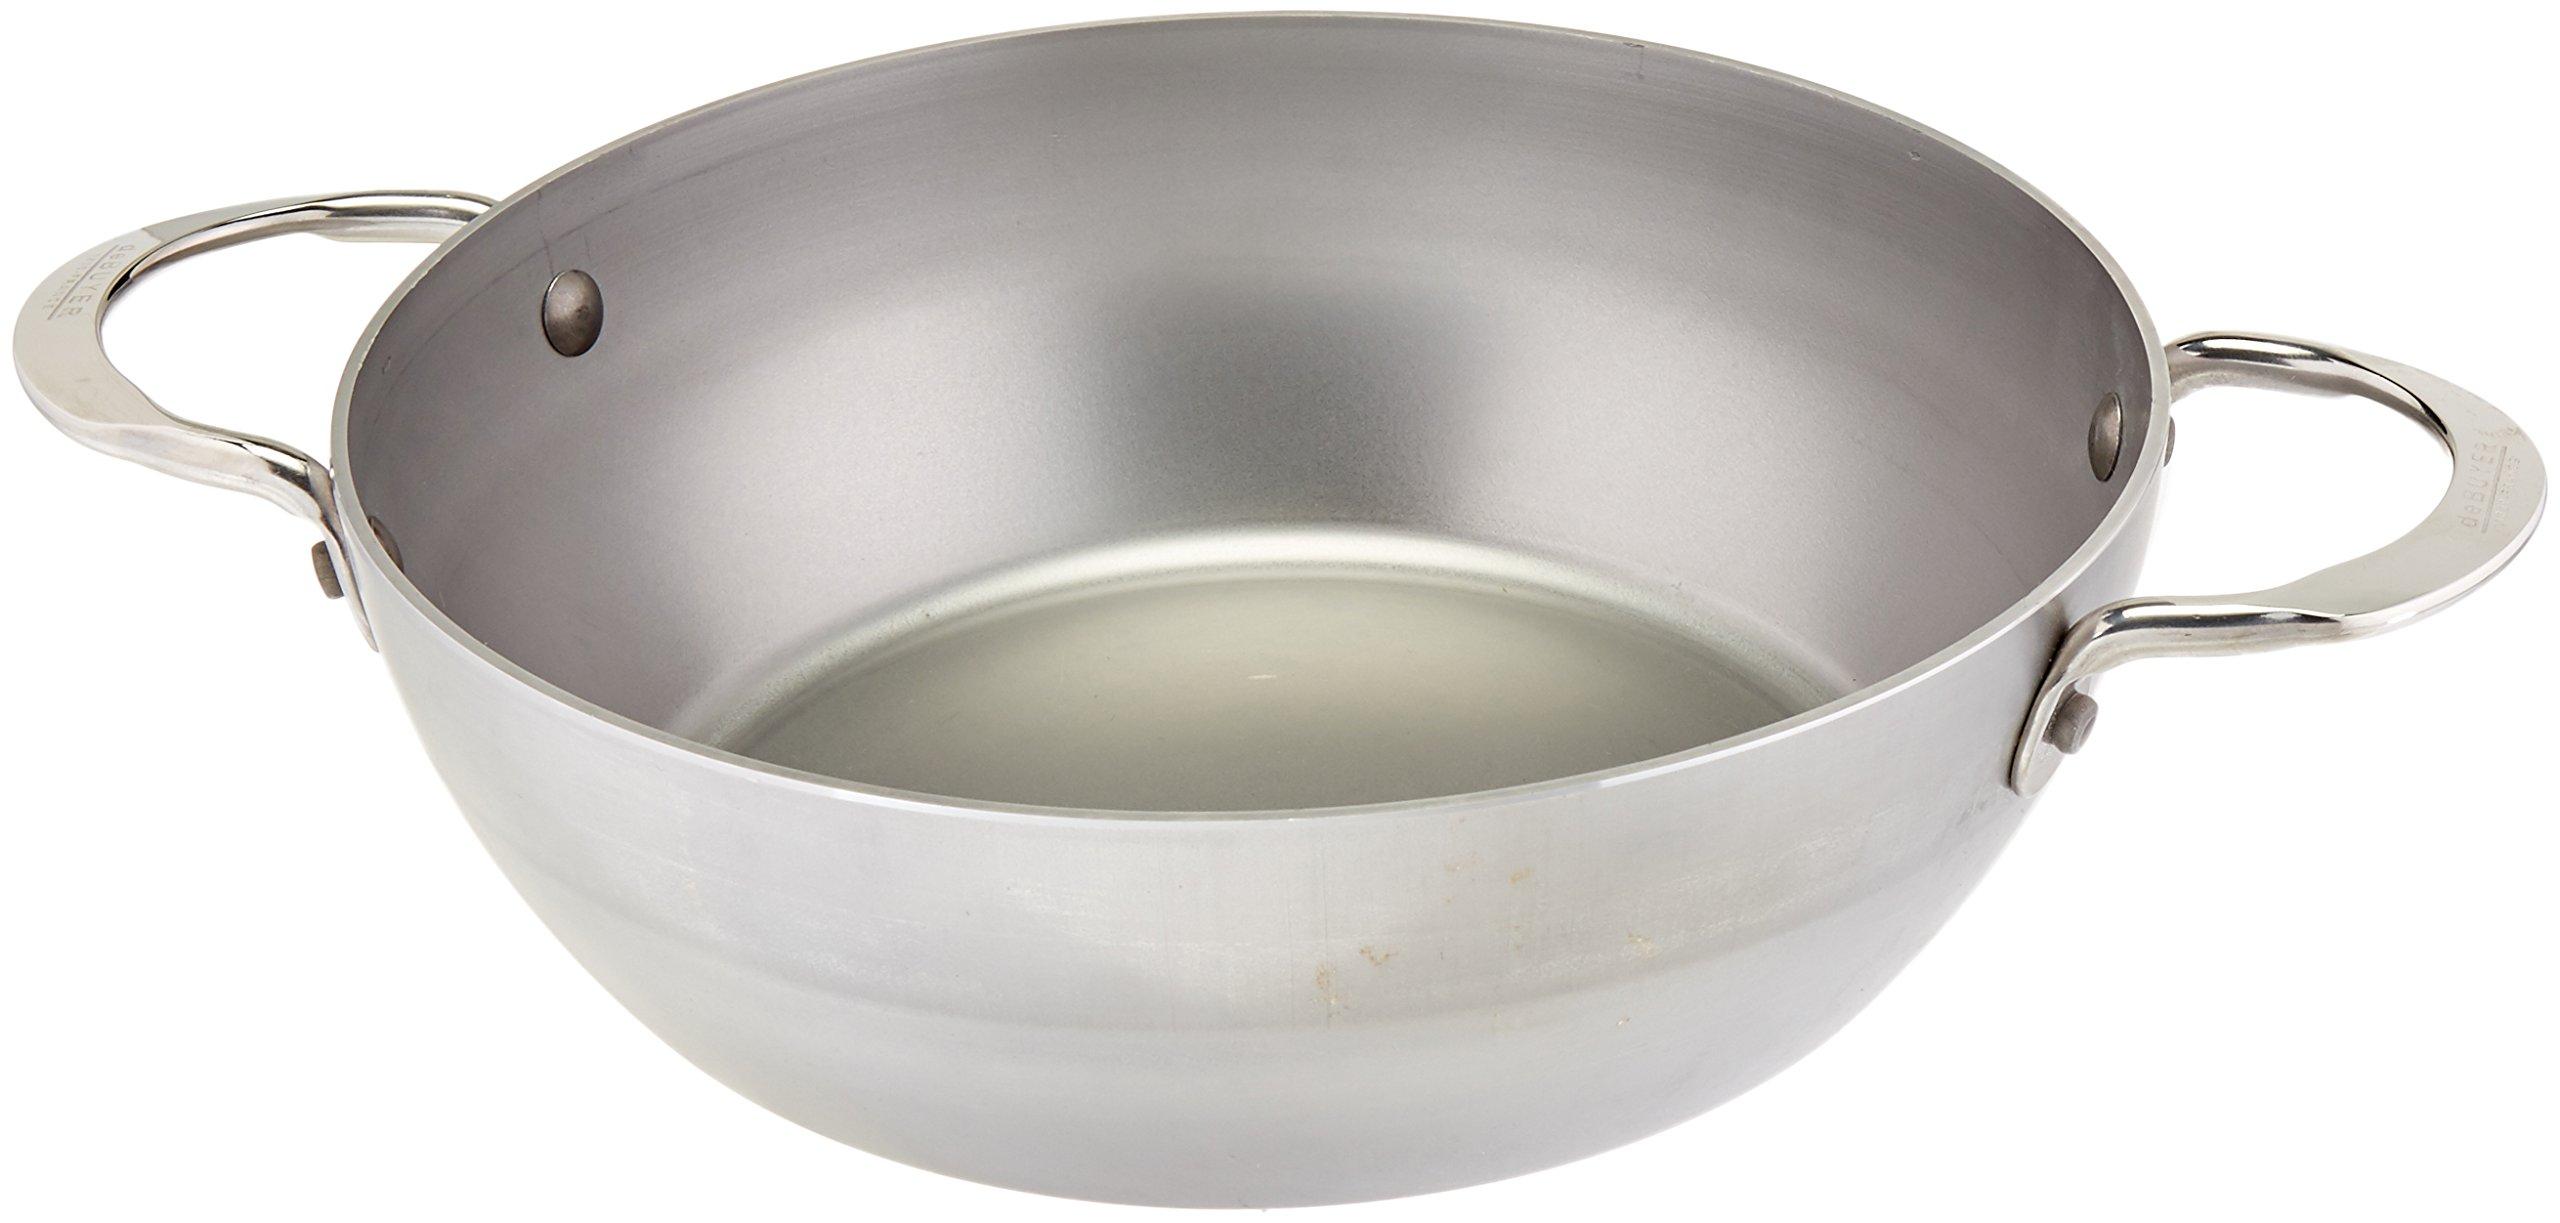 De Buyer 5654.24 Mineral B Elemento Estufa Campesina con 2 Manijas Acero Diámetro 24 cm product